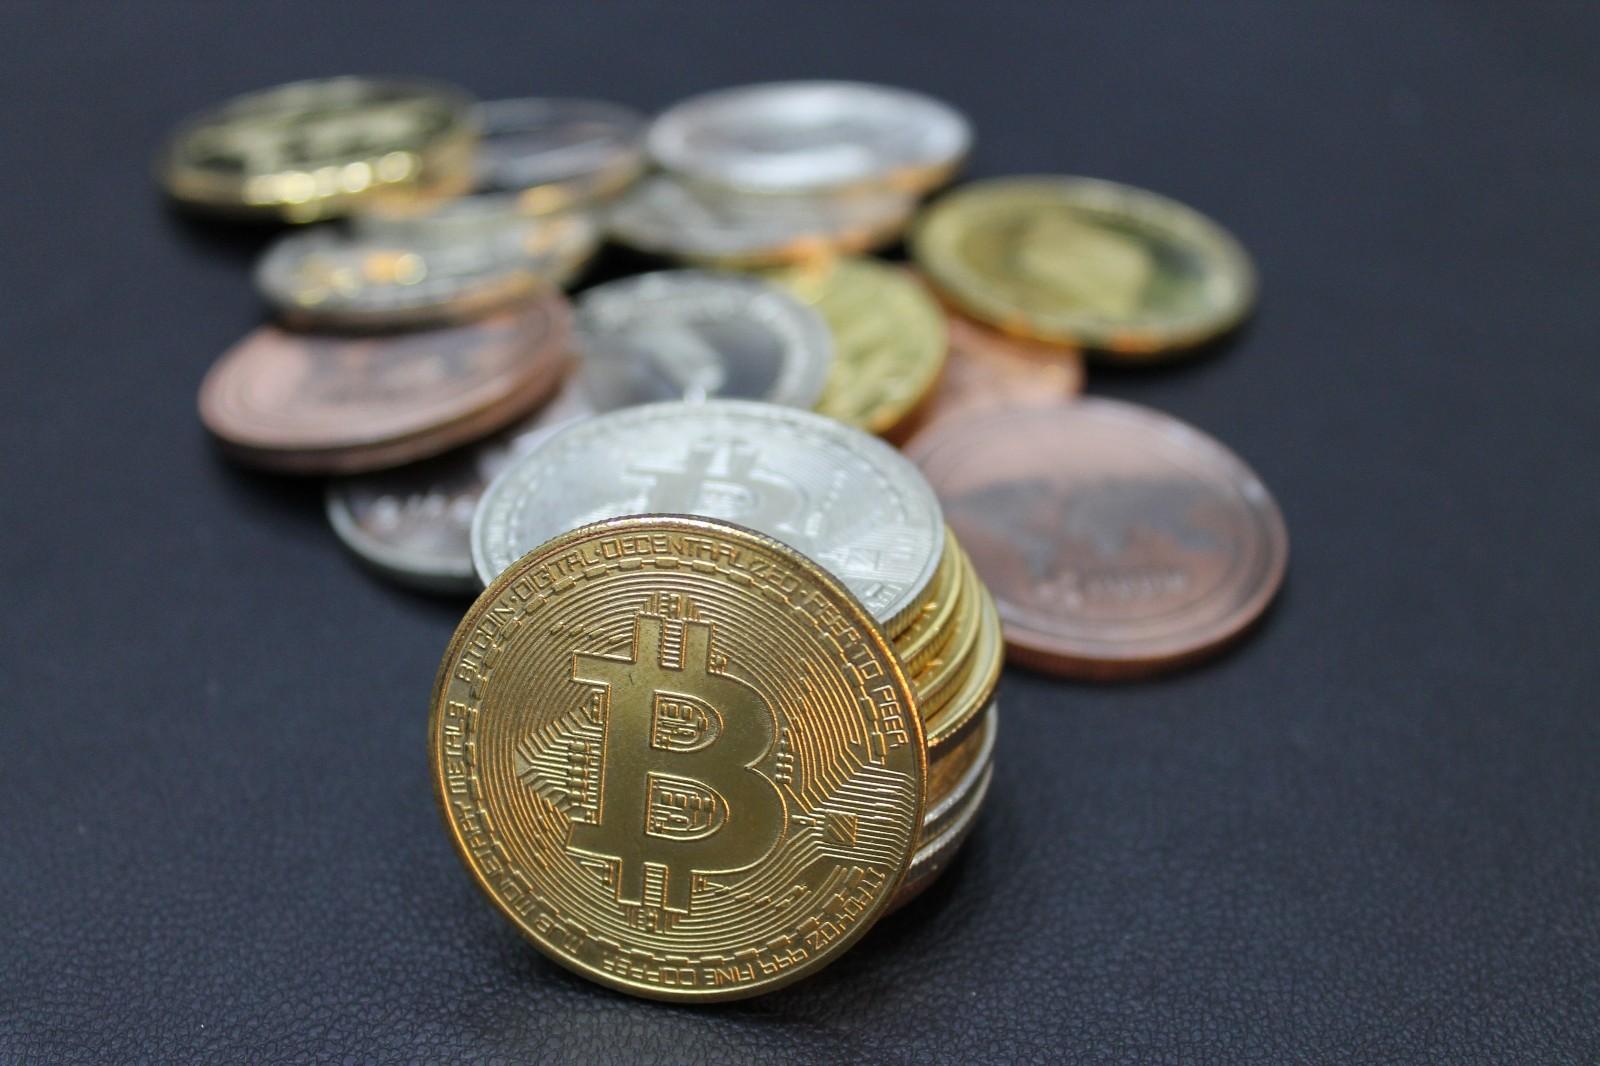 Kripto paraların hacmi 2 trilyon doları geçti